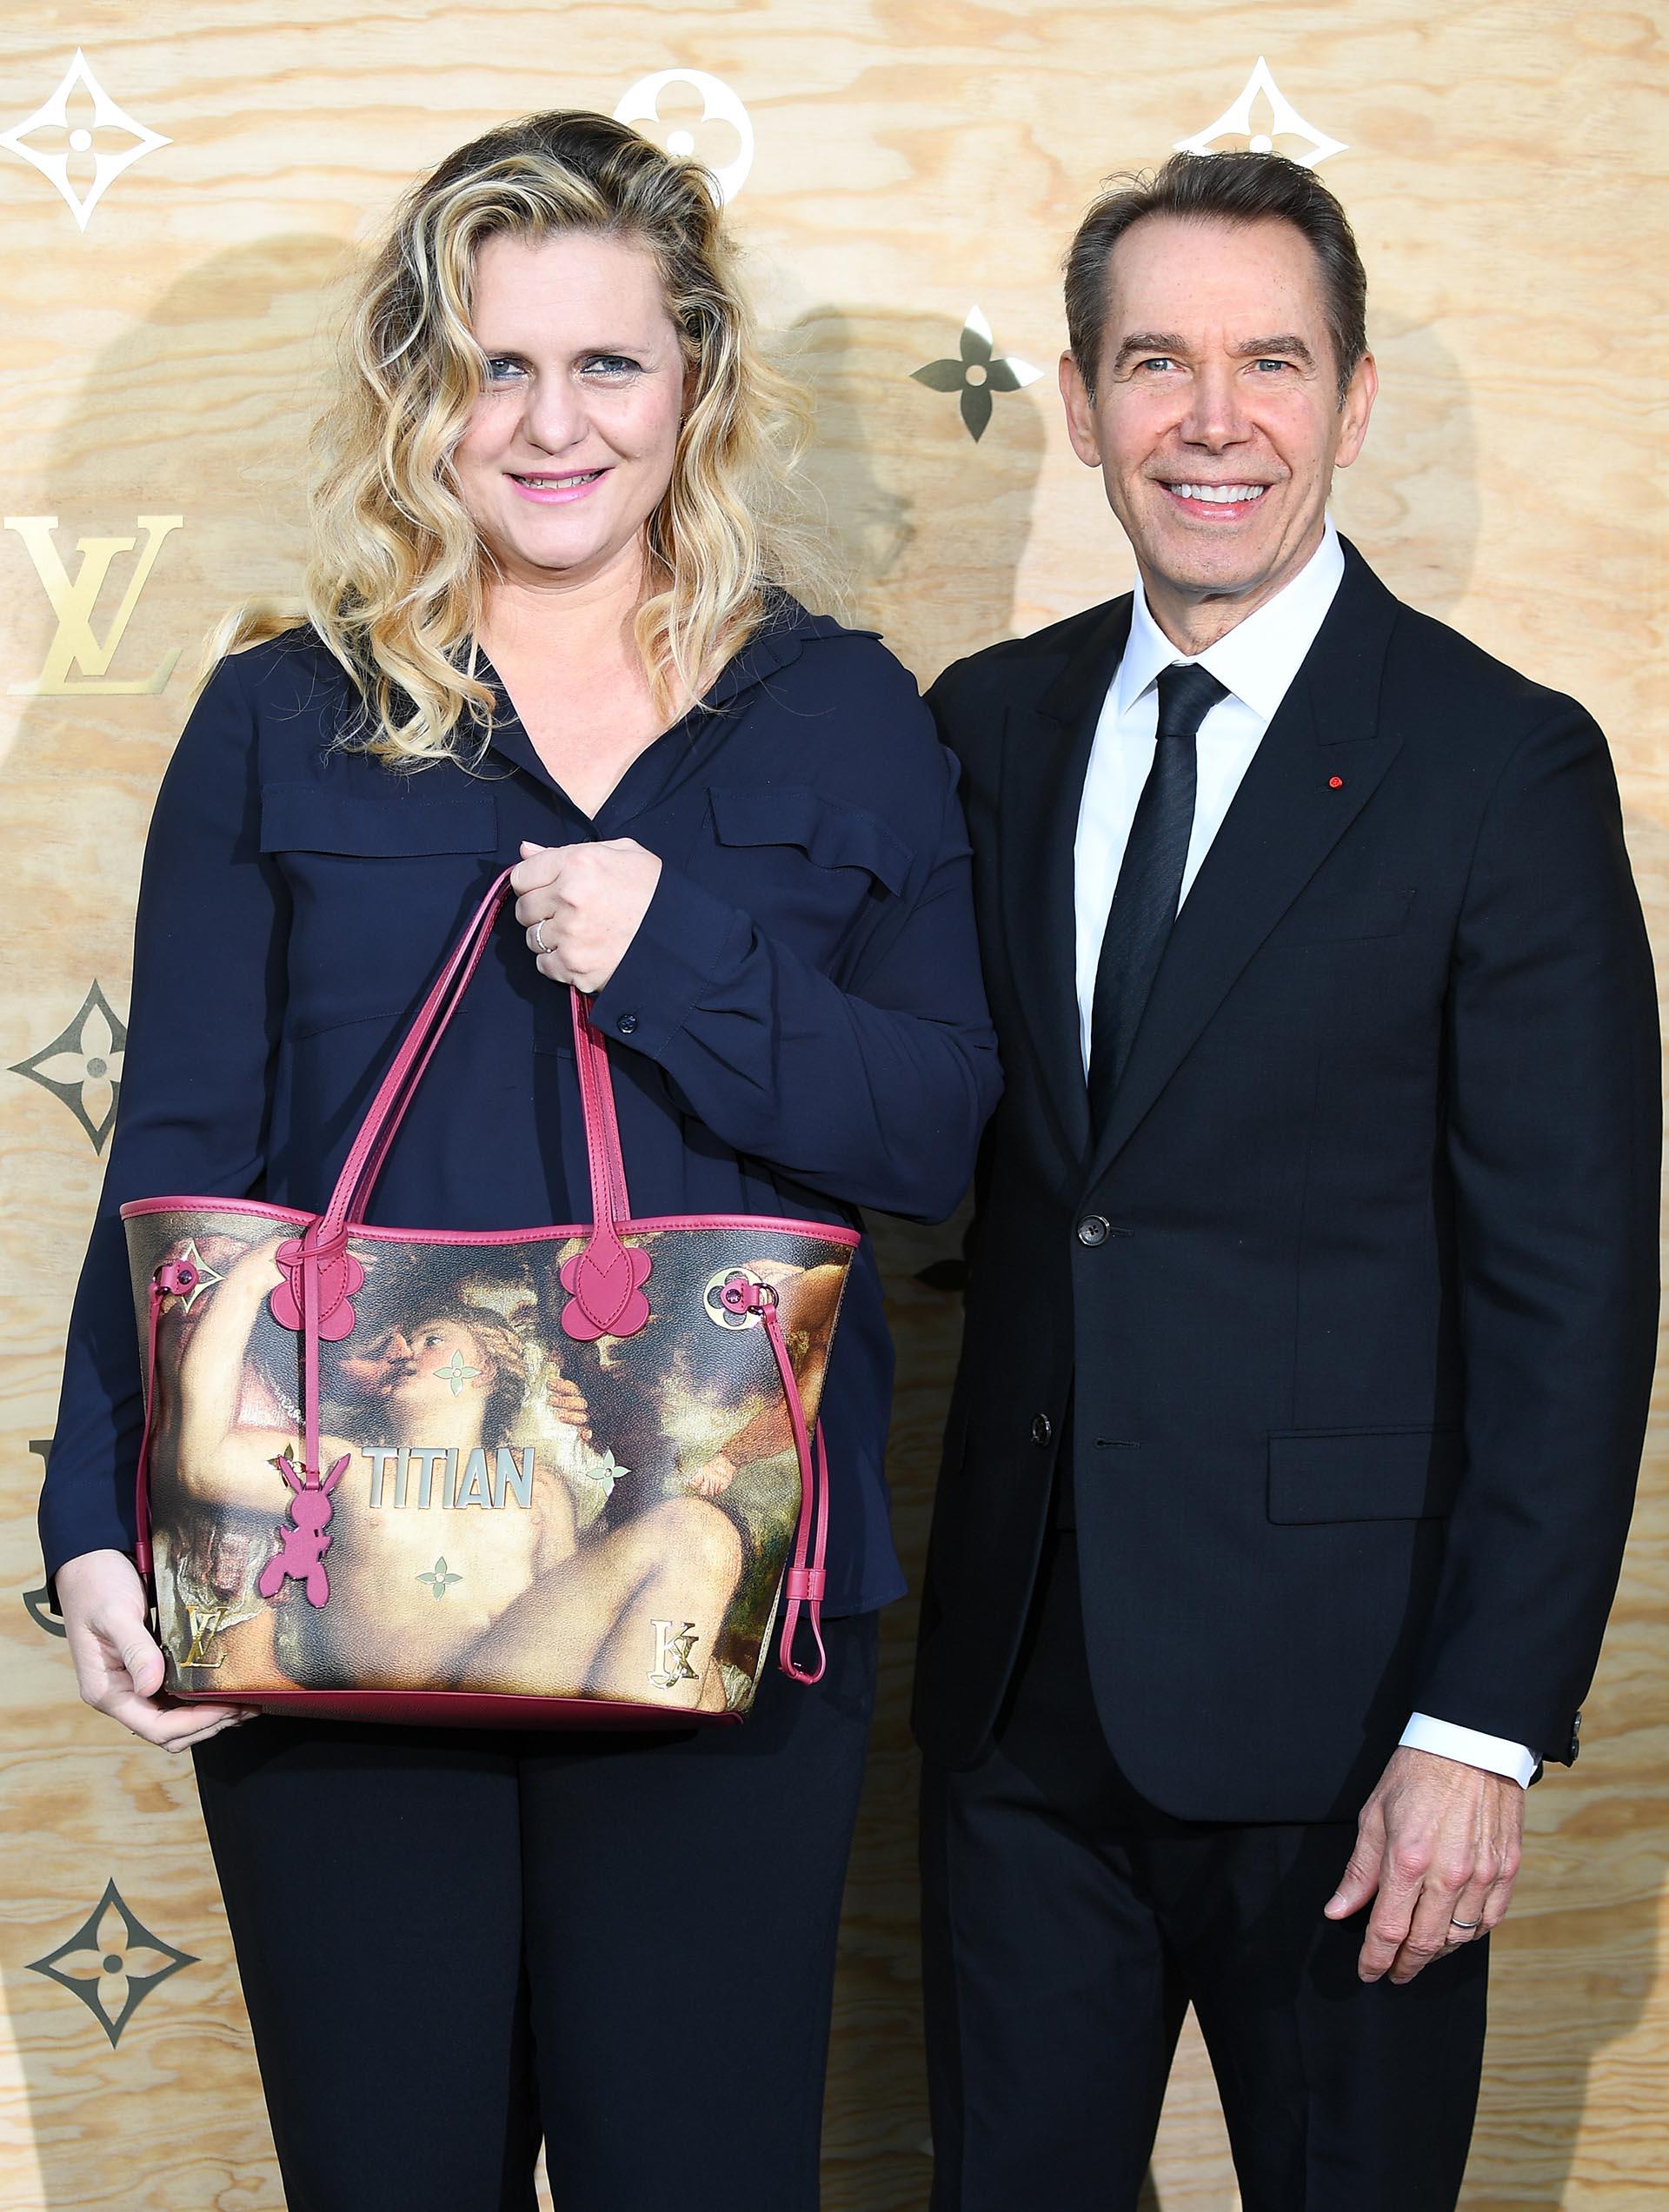 El artista Jeff Koons y su esposa, Justine Wheeler-Koons, con una de las exclusivas carteras